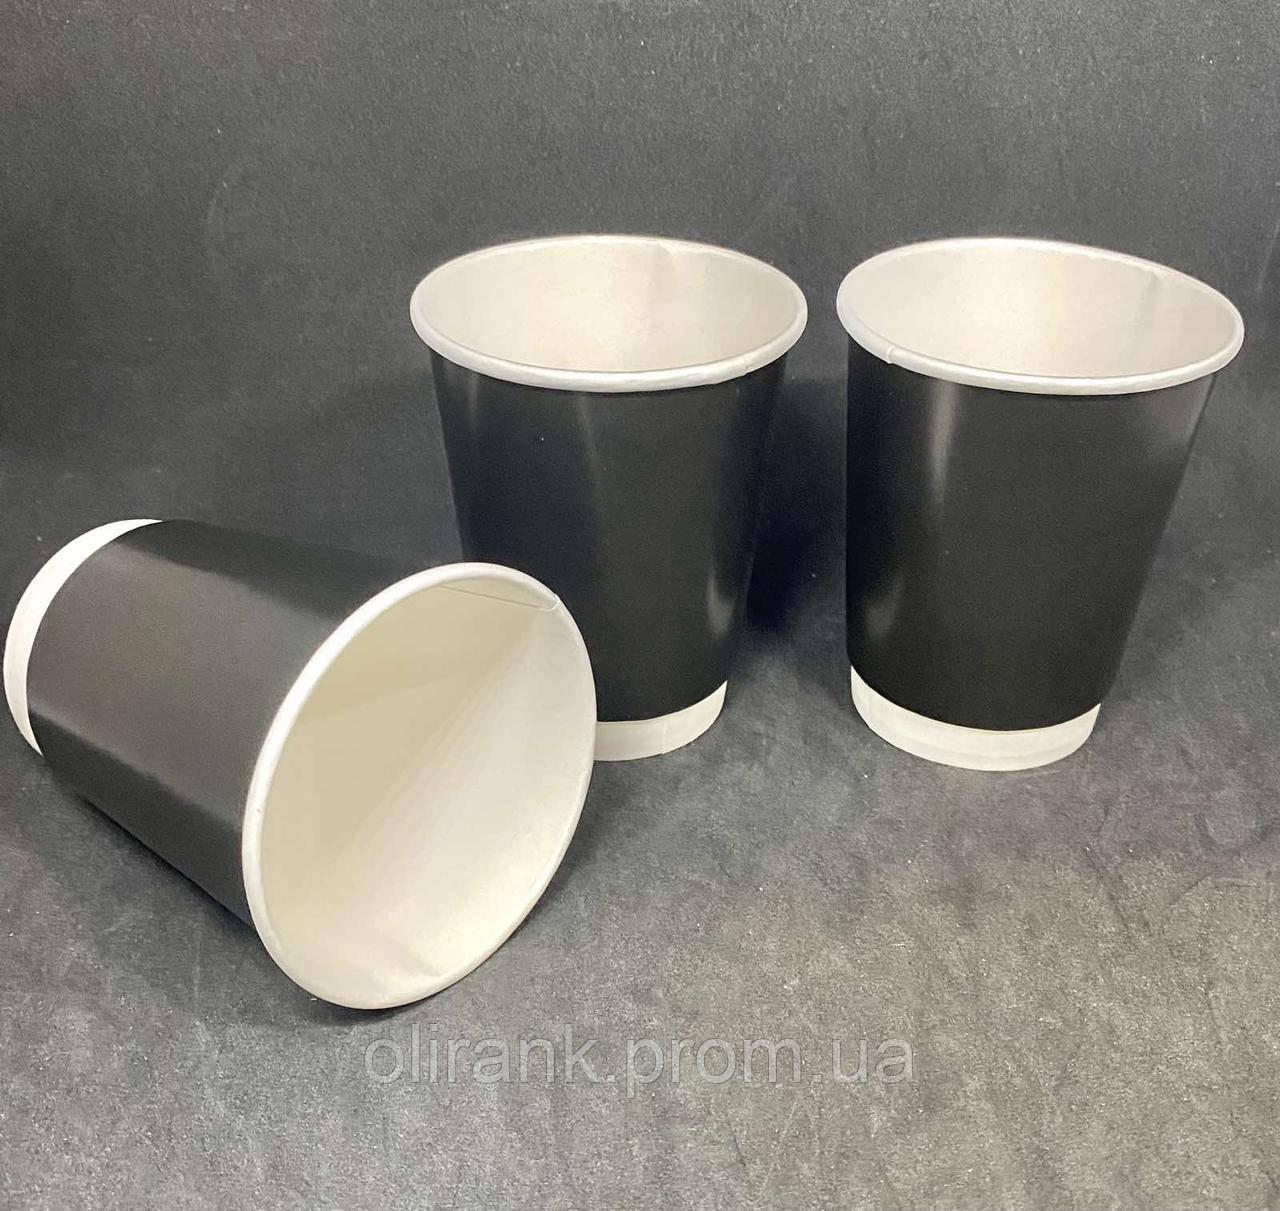 Стакан бумажный двухслойный Белый+Черный 250мл 20шт/уп (1ящ/40уп)